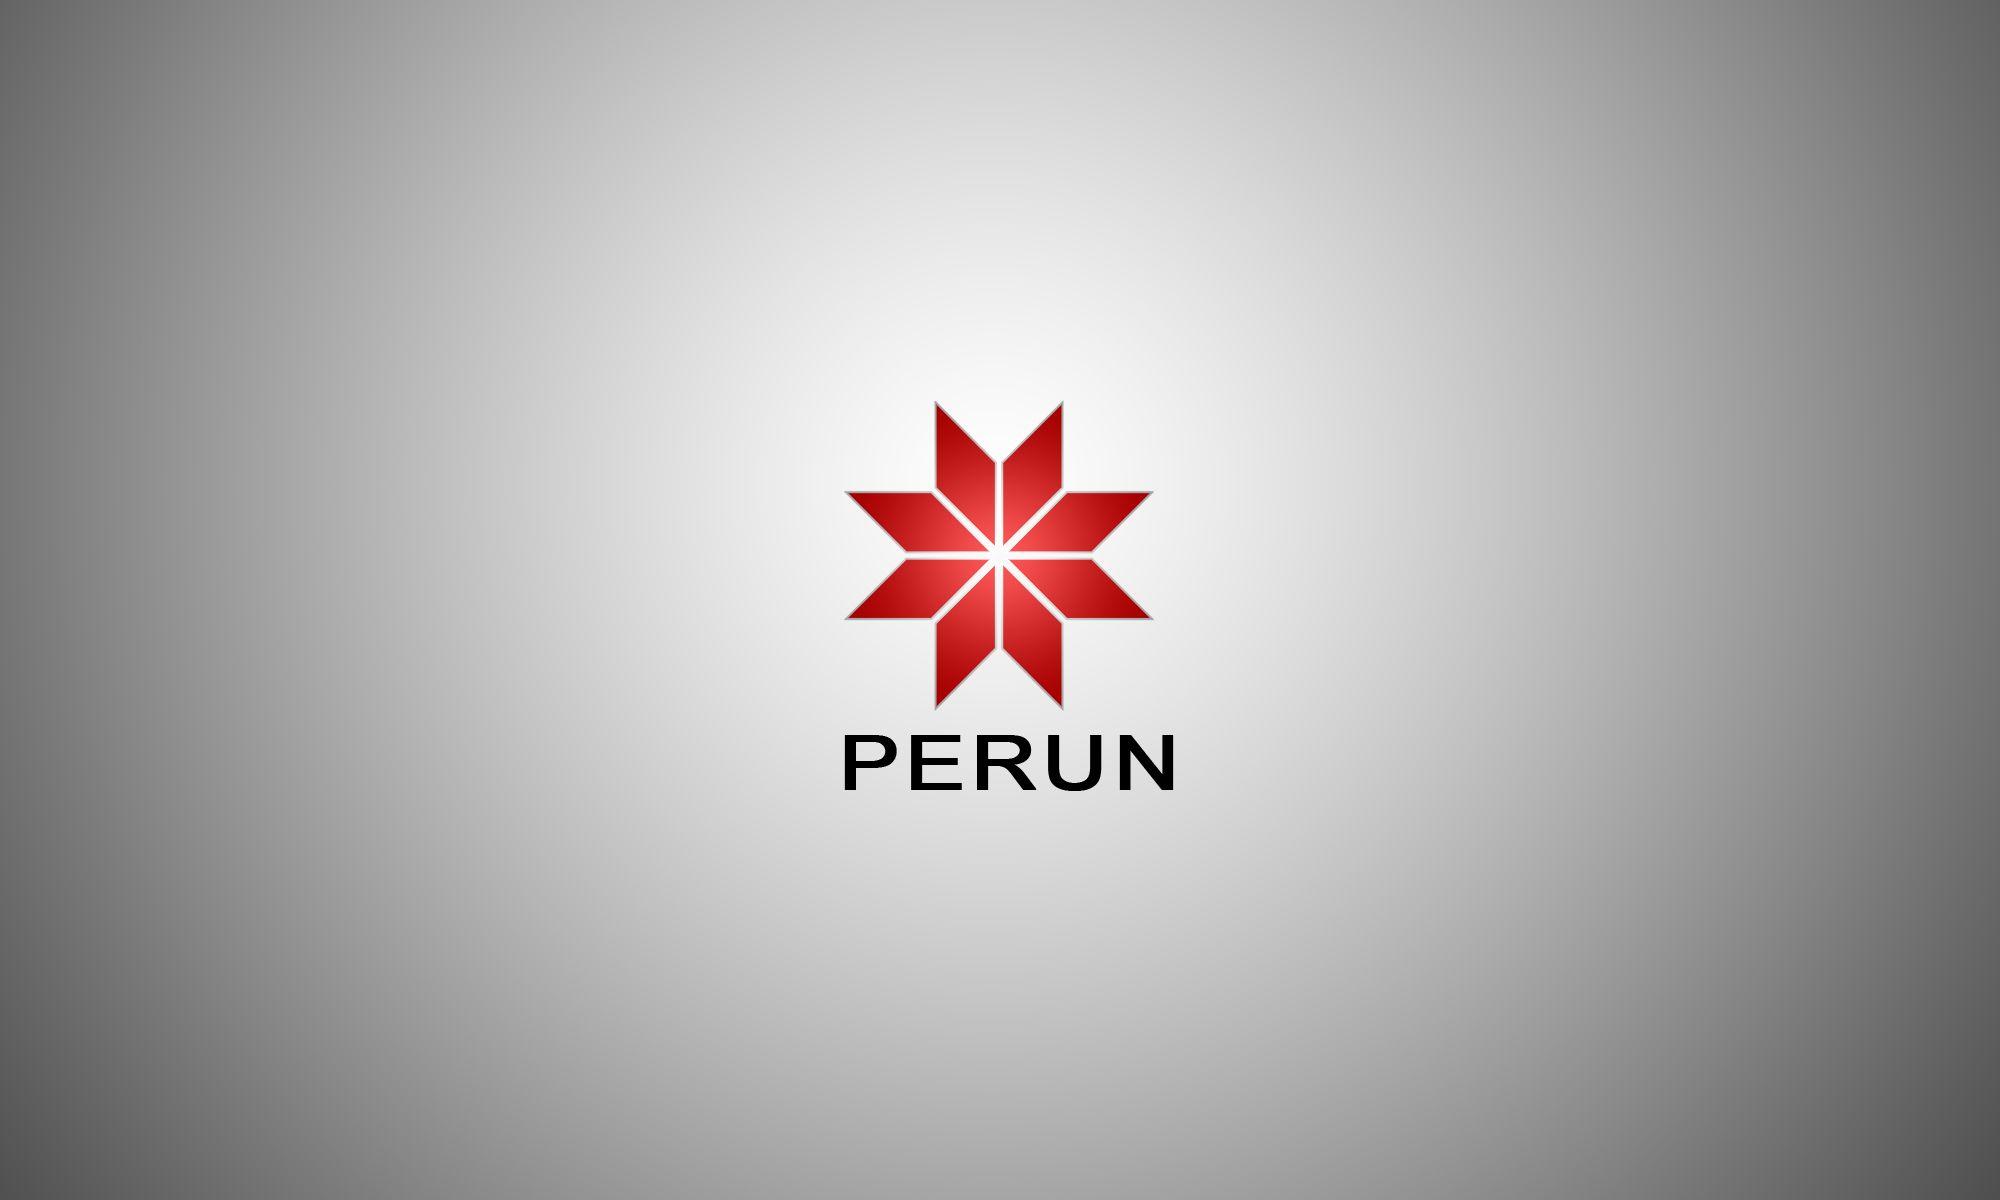 Логотип для компании пожарной безопасности Перун - дизайнер D_MarshaL